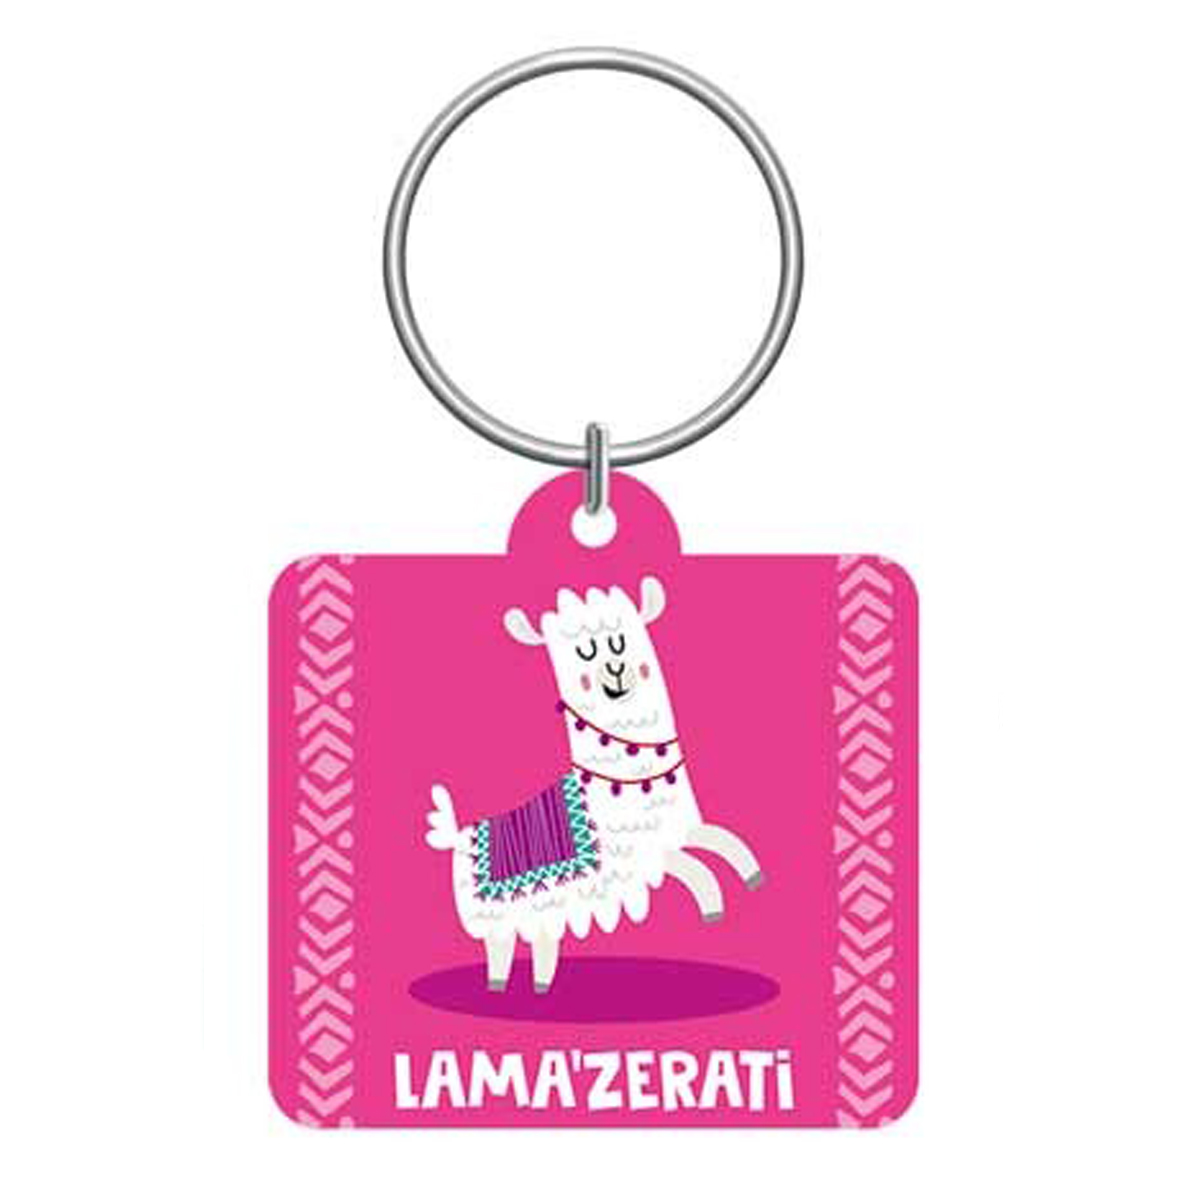 Porte-clés \'Lama Mania\' rose (Lama\'zerati) - 55x5 cm - [Q0882]